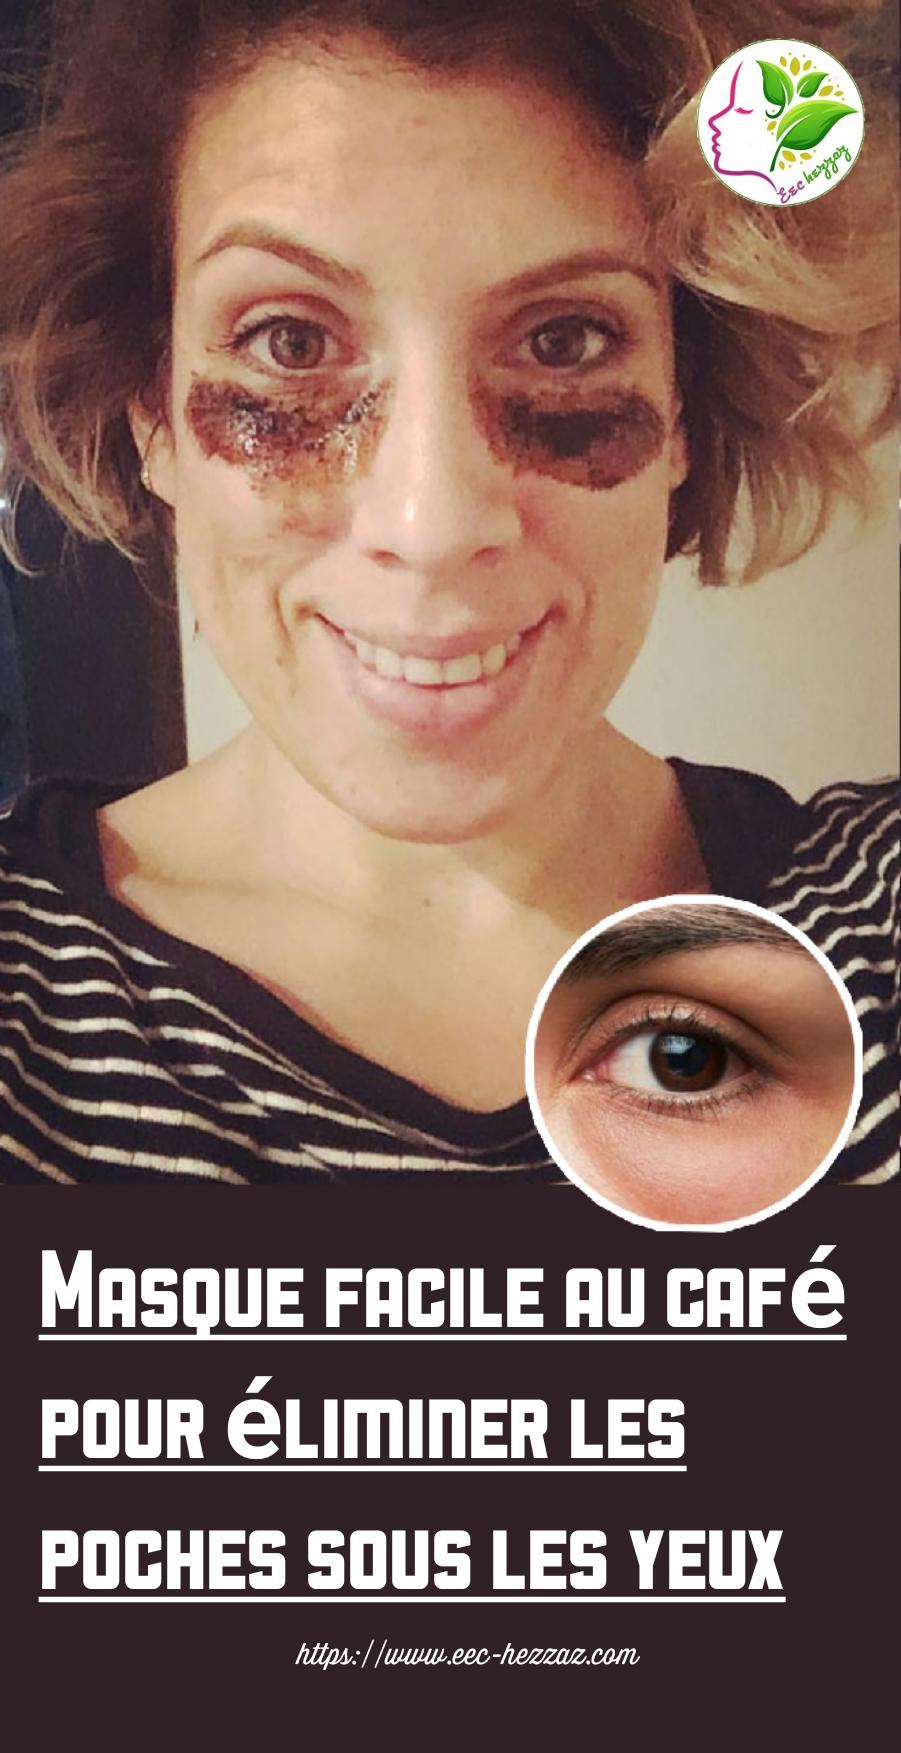 Masque facile au café pour éliminer les poches sous les yeux